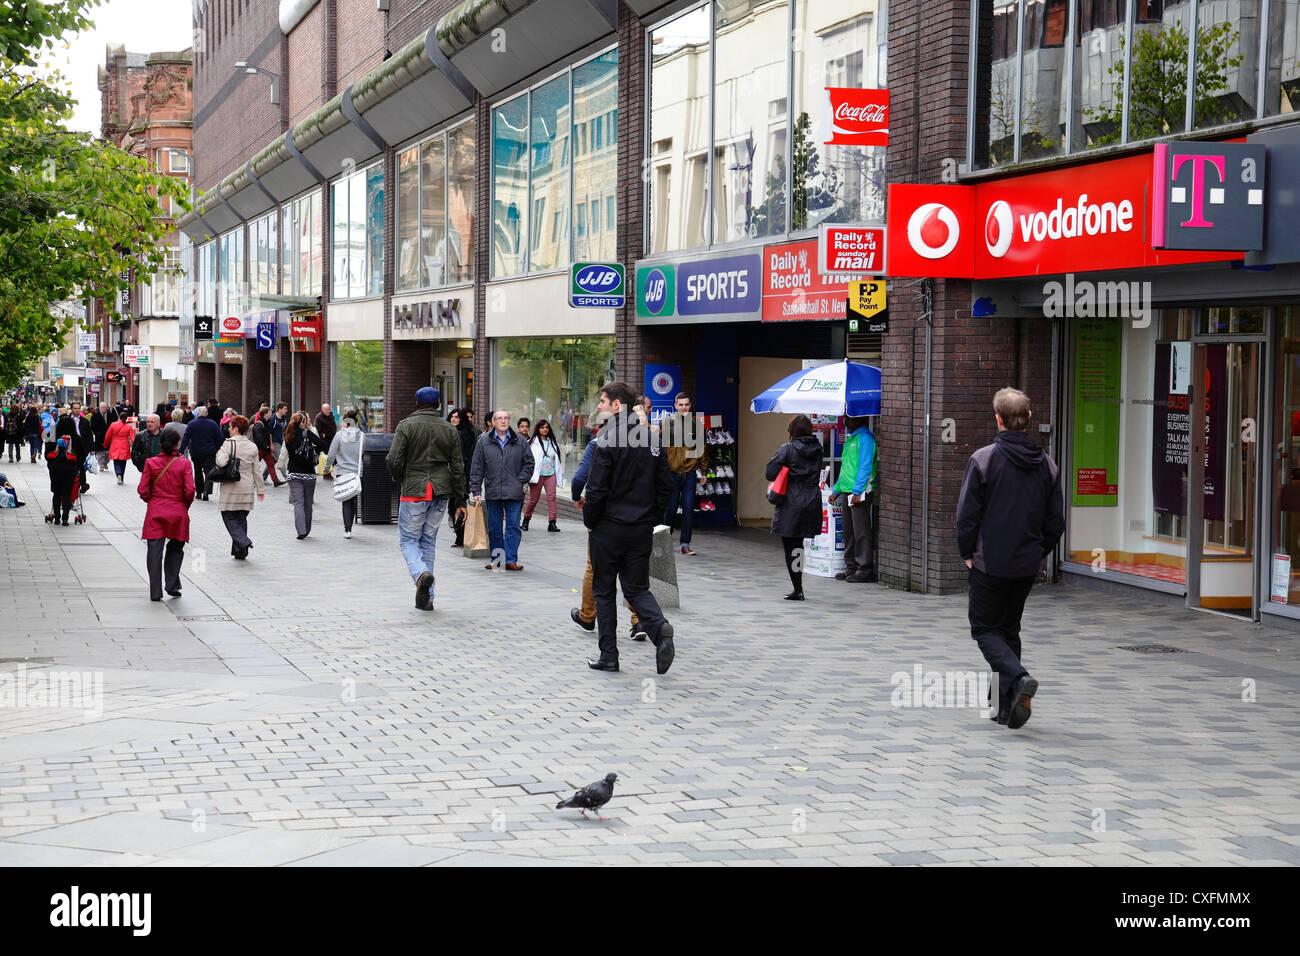 Pedestrians in Sauchiehall Street shopping precinct in Glasgow City Centre, Scotland, UK - Stock Image